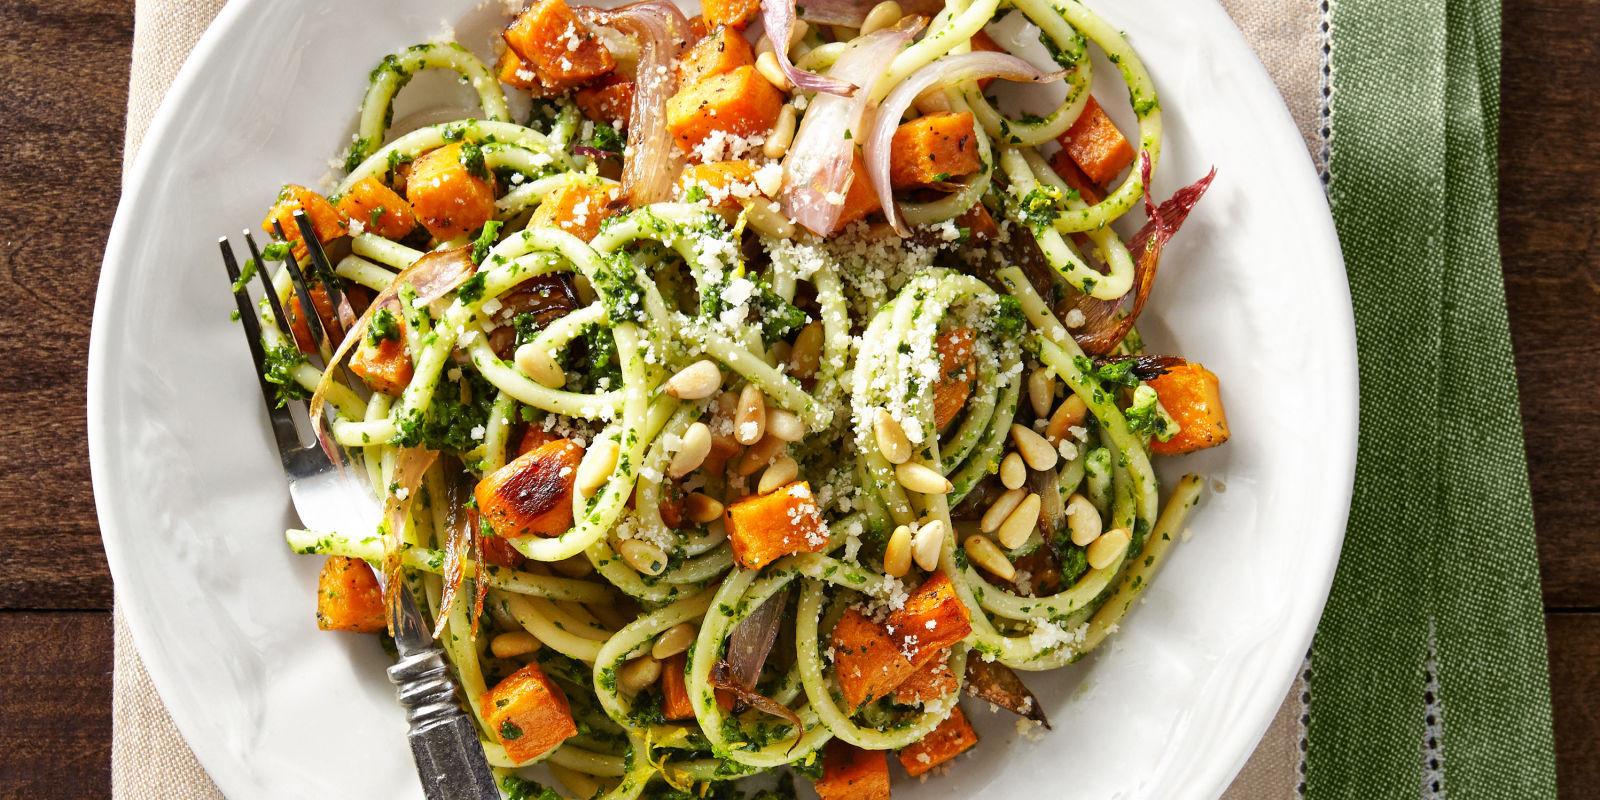 Pasta Idea For Dinner  45 Easy Pasta Dinner Recipes Best Family Pasta Dishes